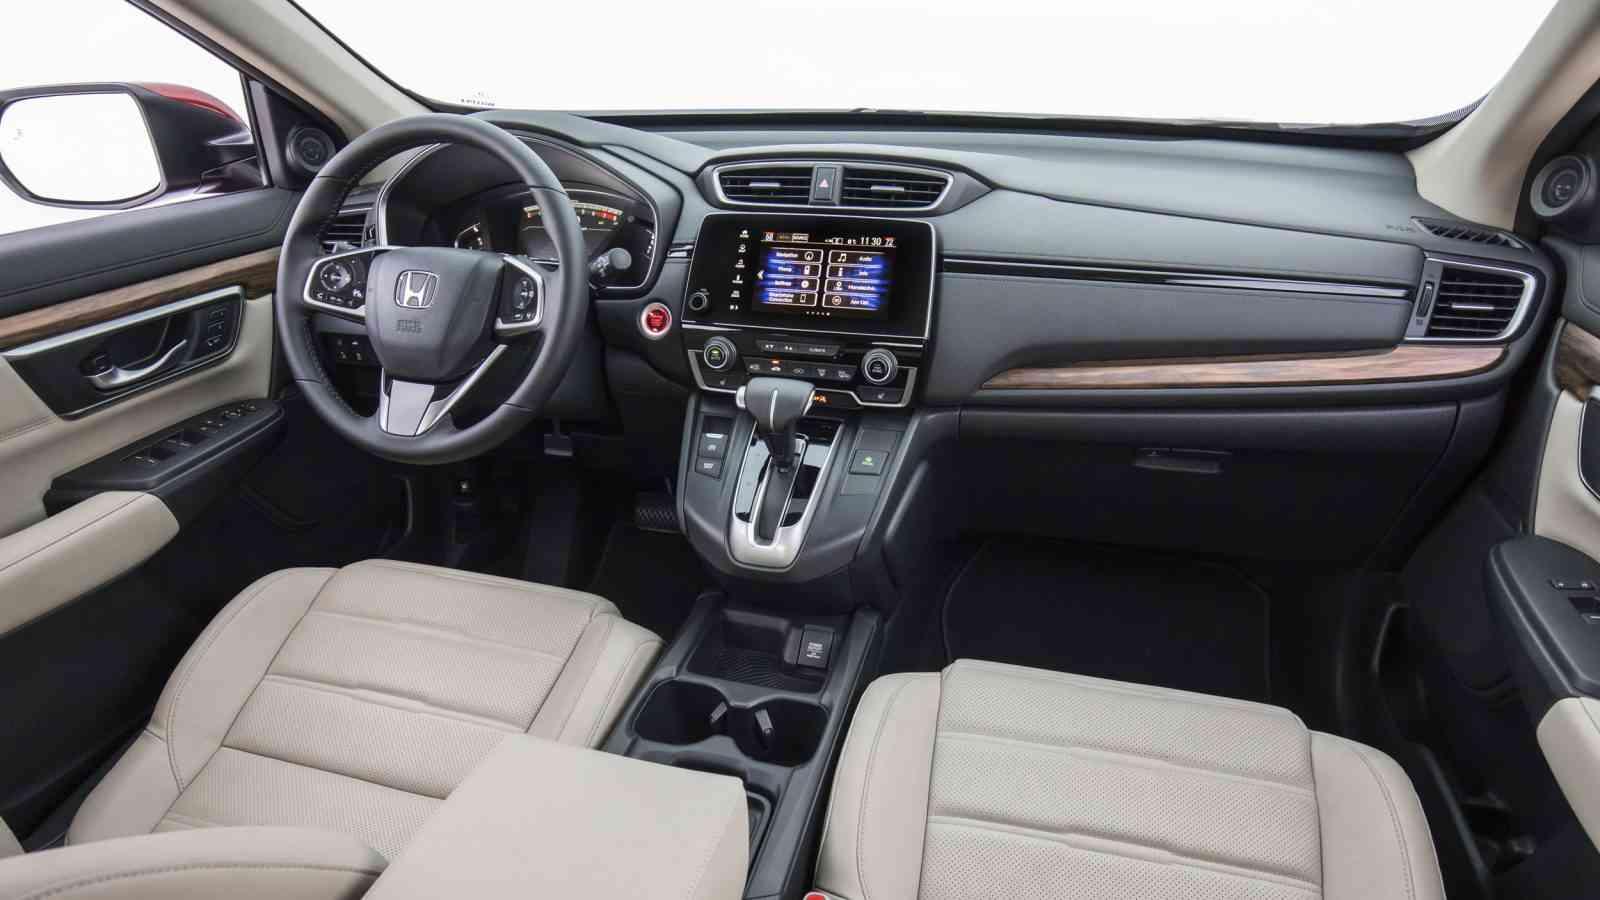 Honda CRV model comparison- the guide